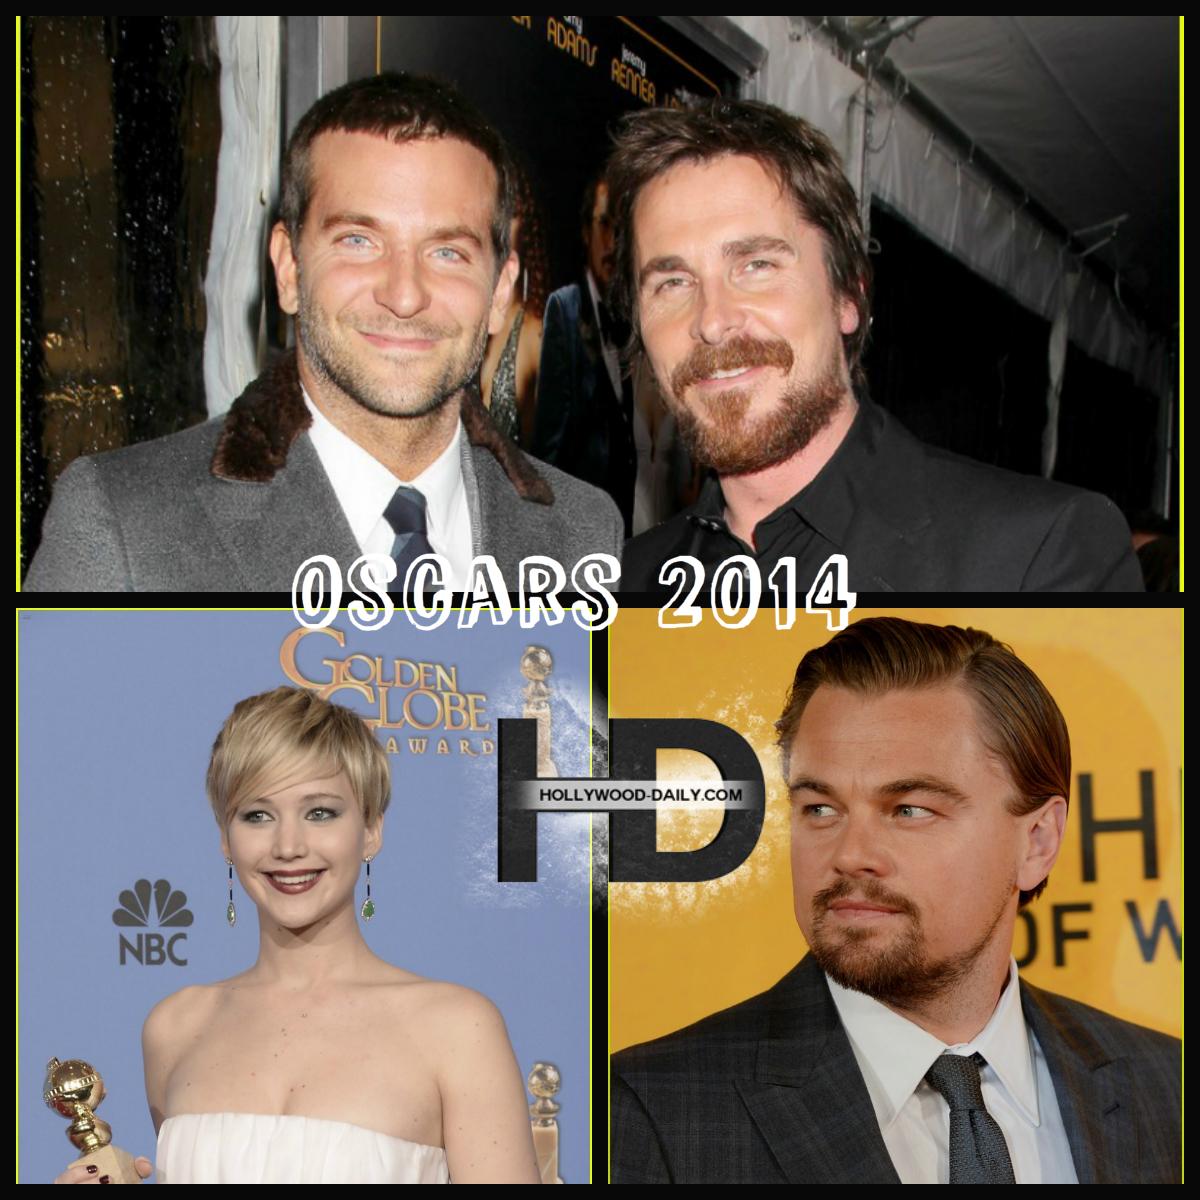 oscars2014 نامزدهای 2014 Oscars اعلام شد